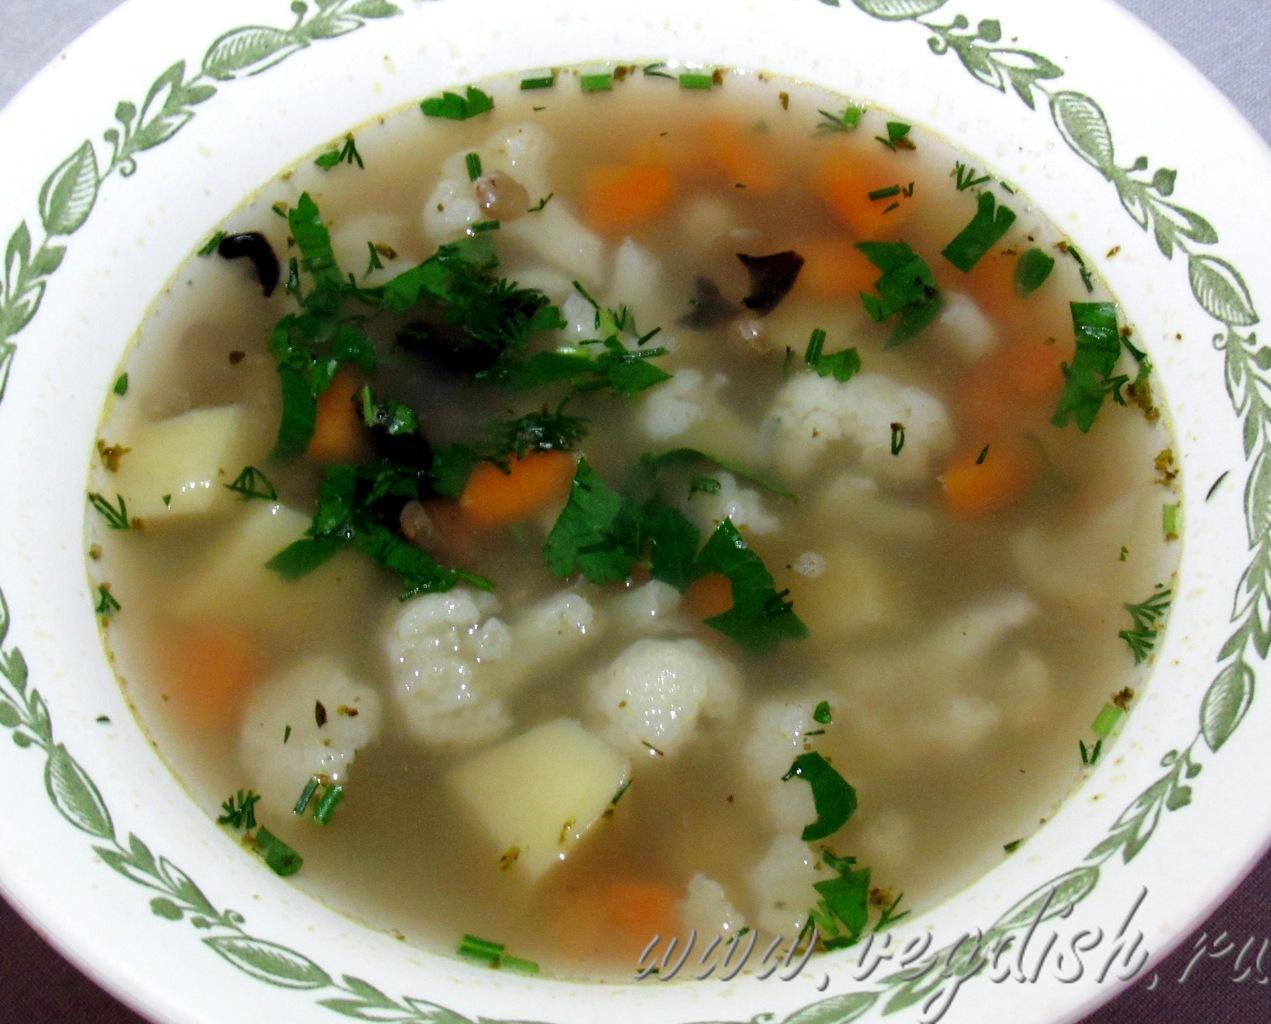 Суп овощной с цветной капустой рецепт с фото